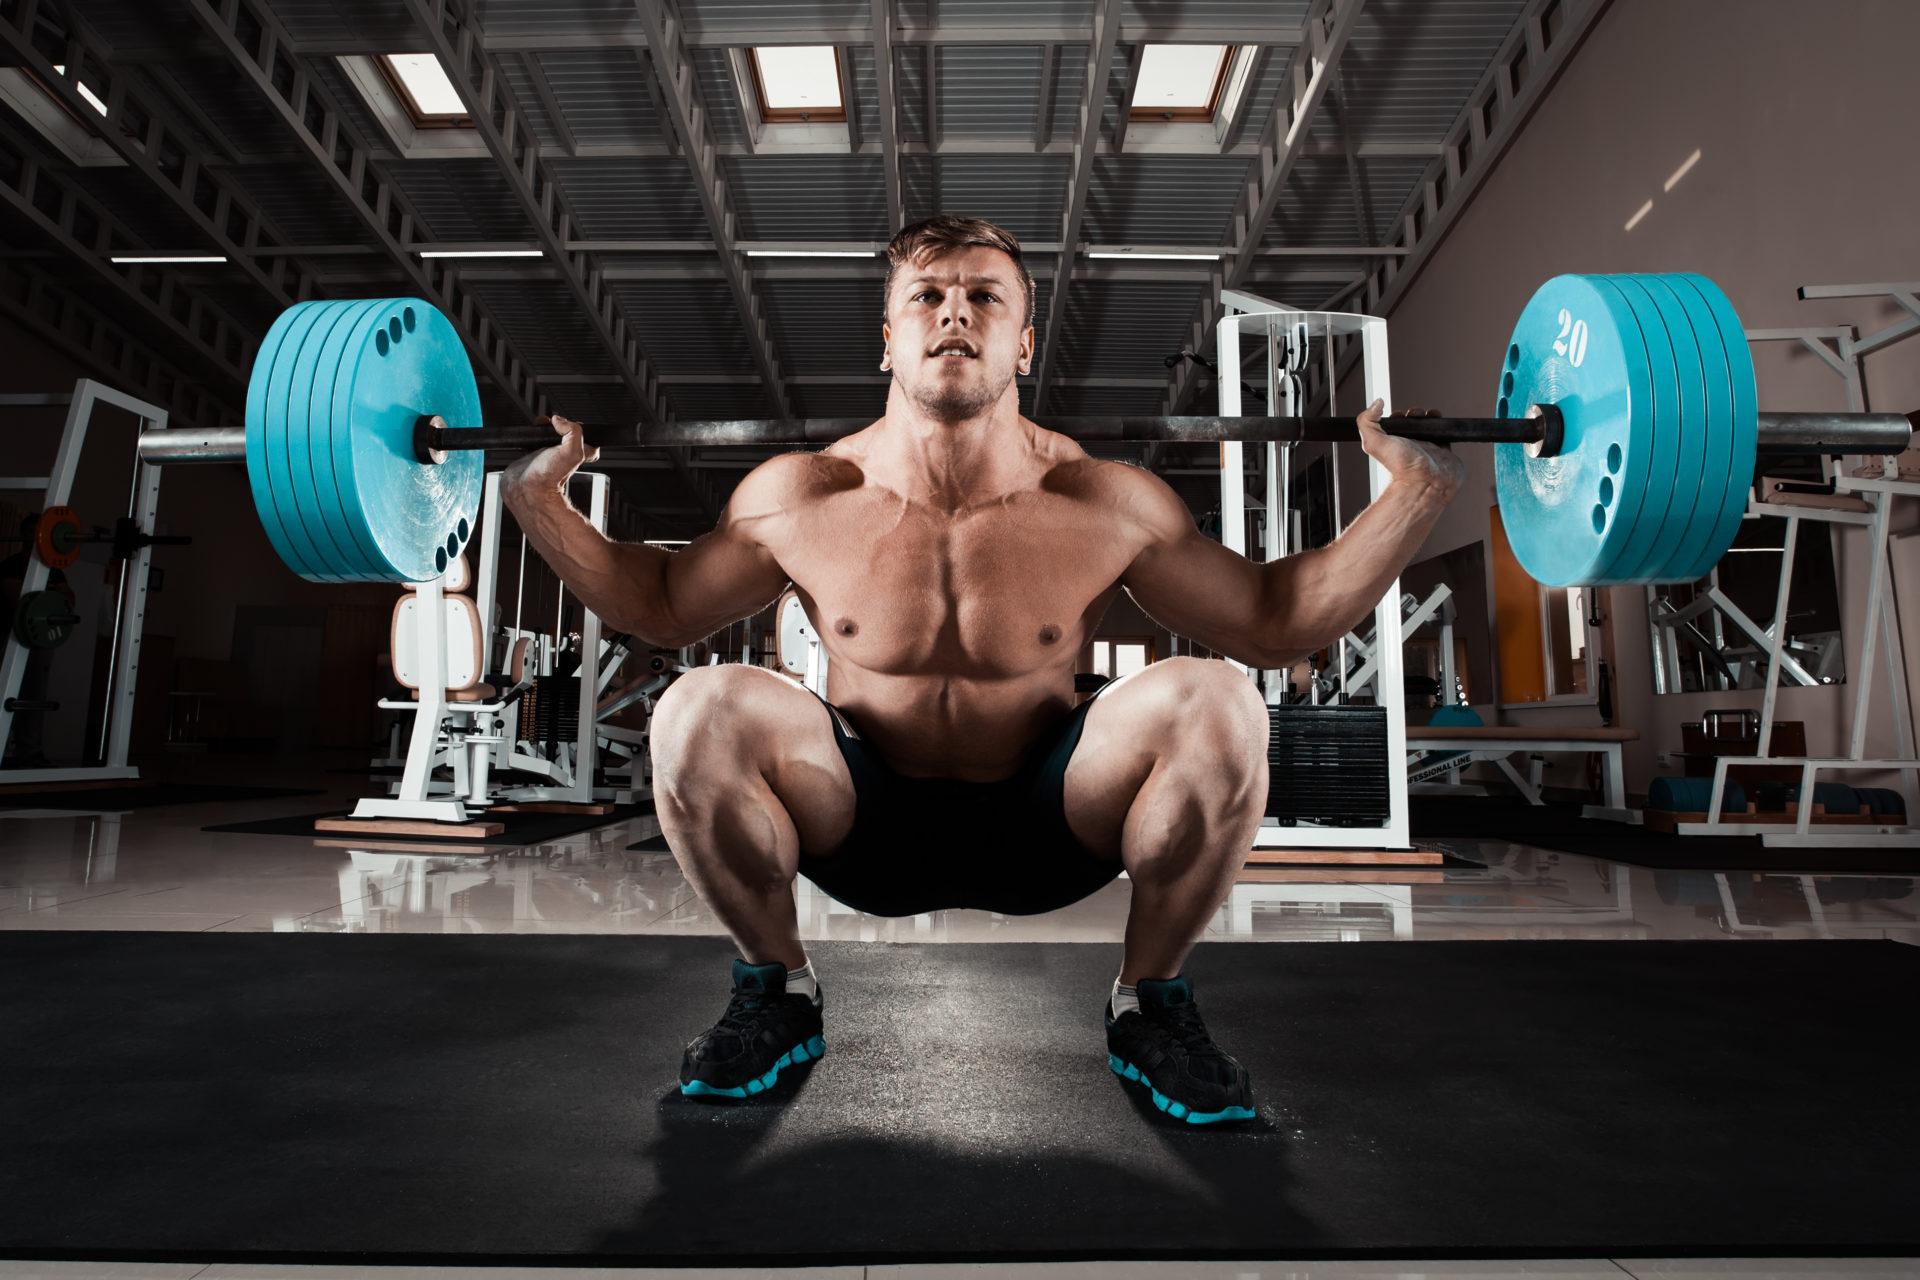 gym motivation Squat